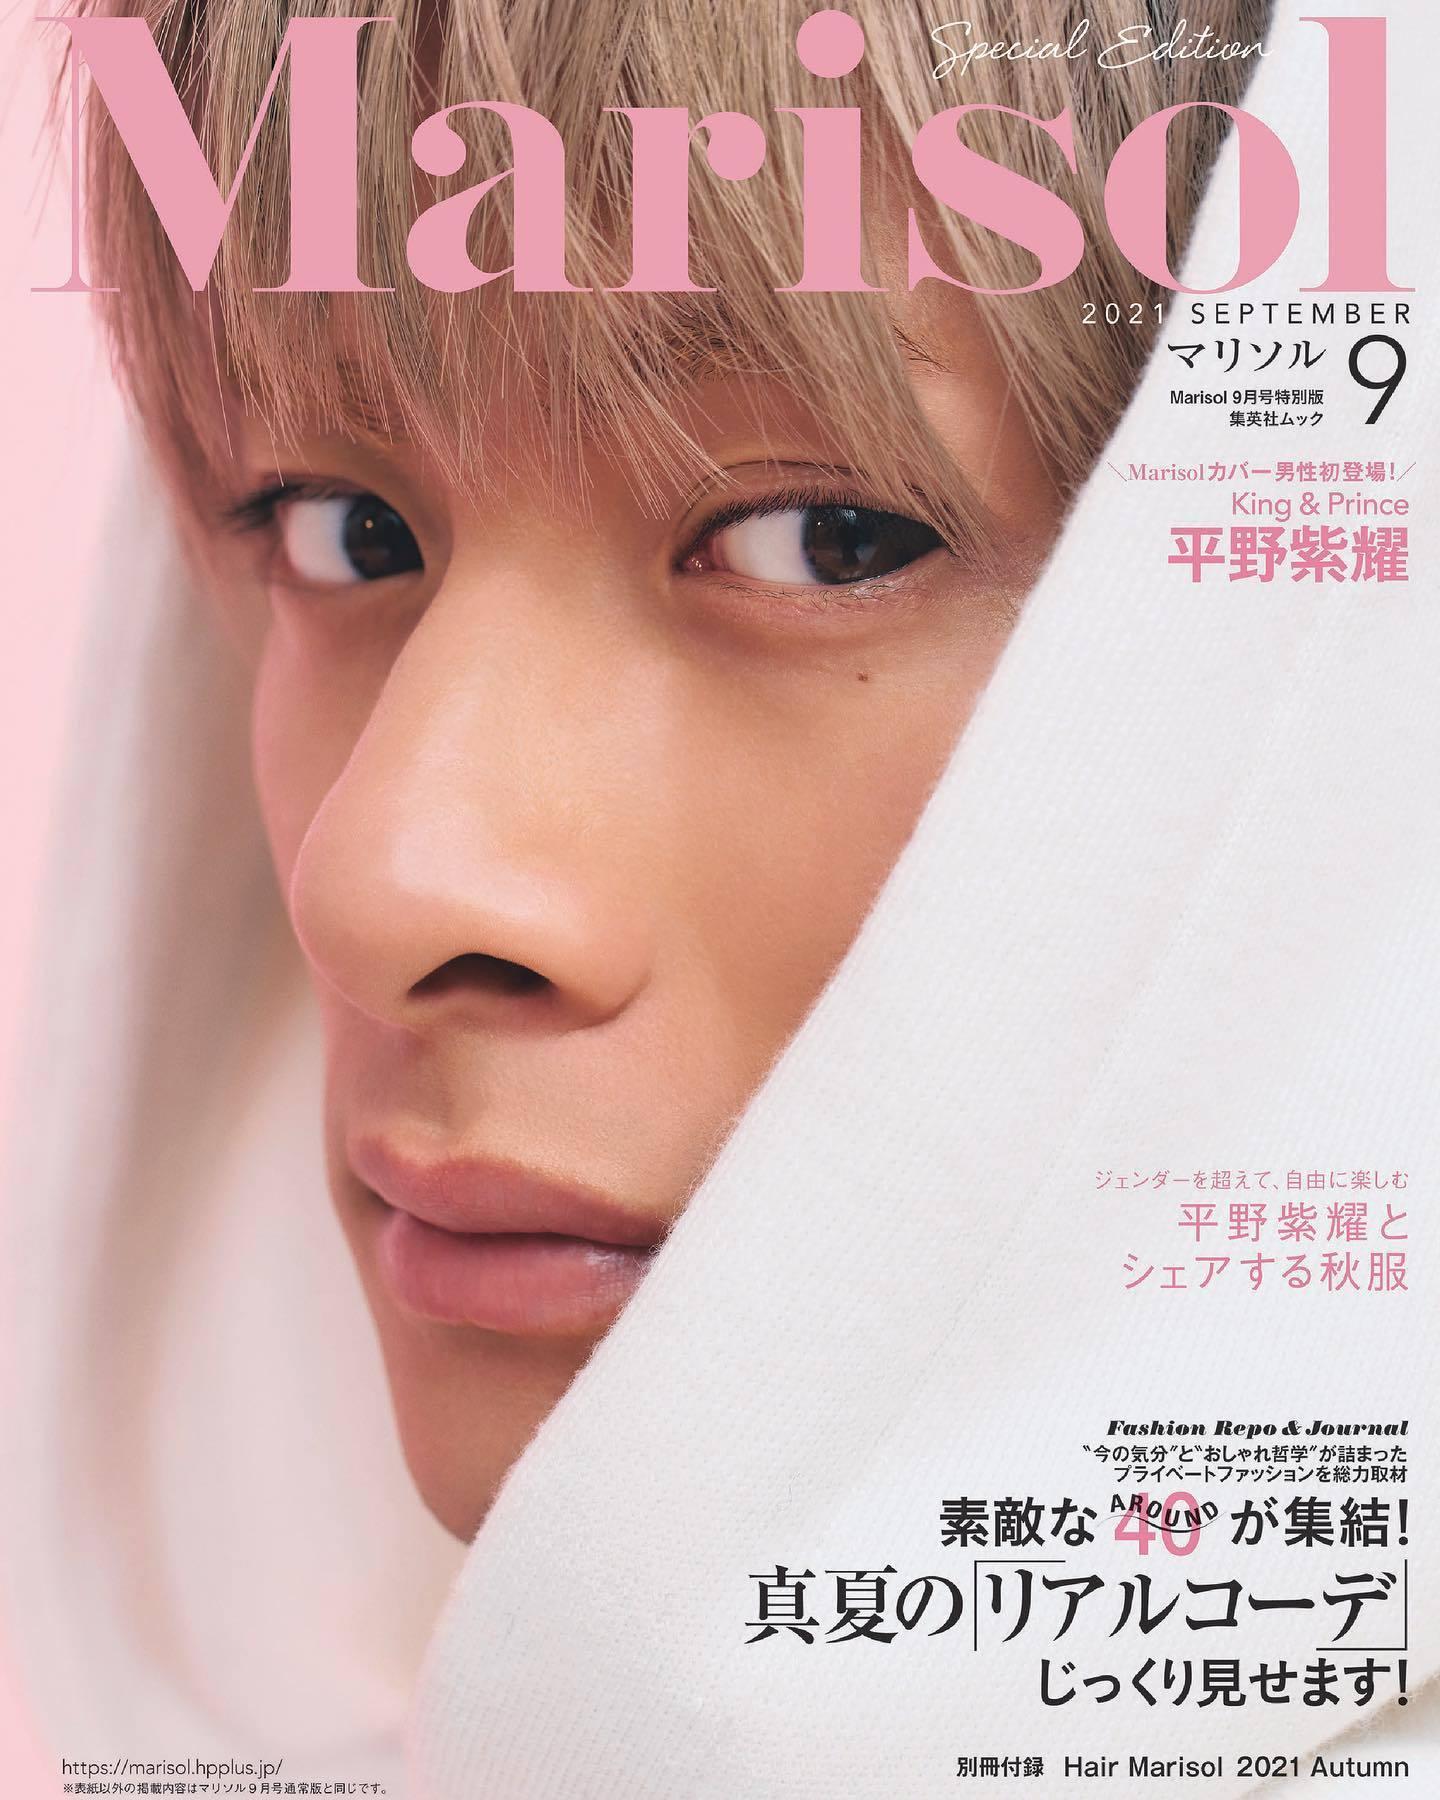 8月5日(木)発売 Marisol9月号 特別版の表紙に平野紫耀さんが登場!_1_1